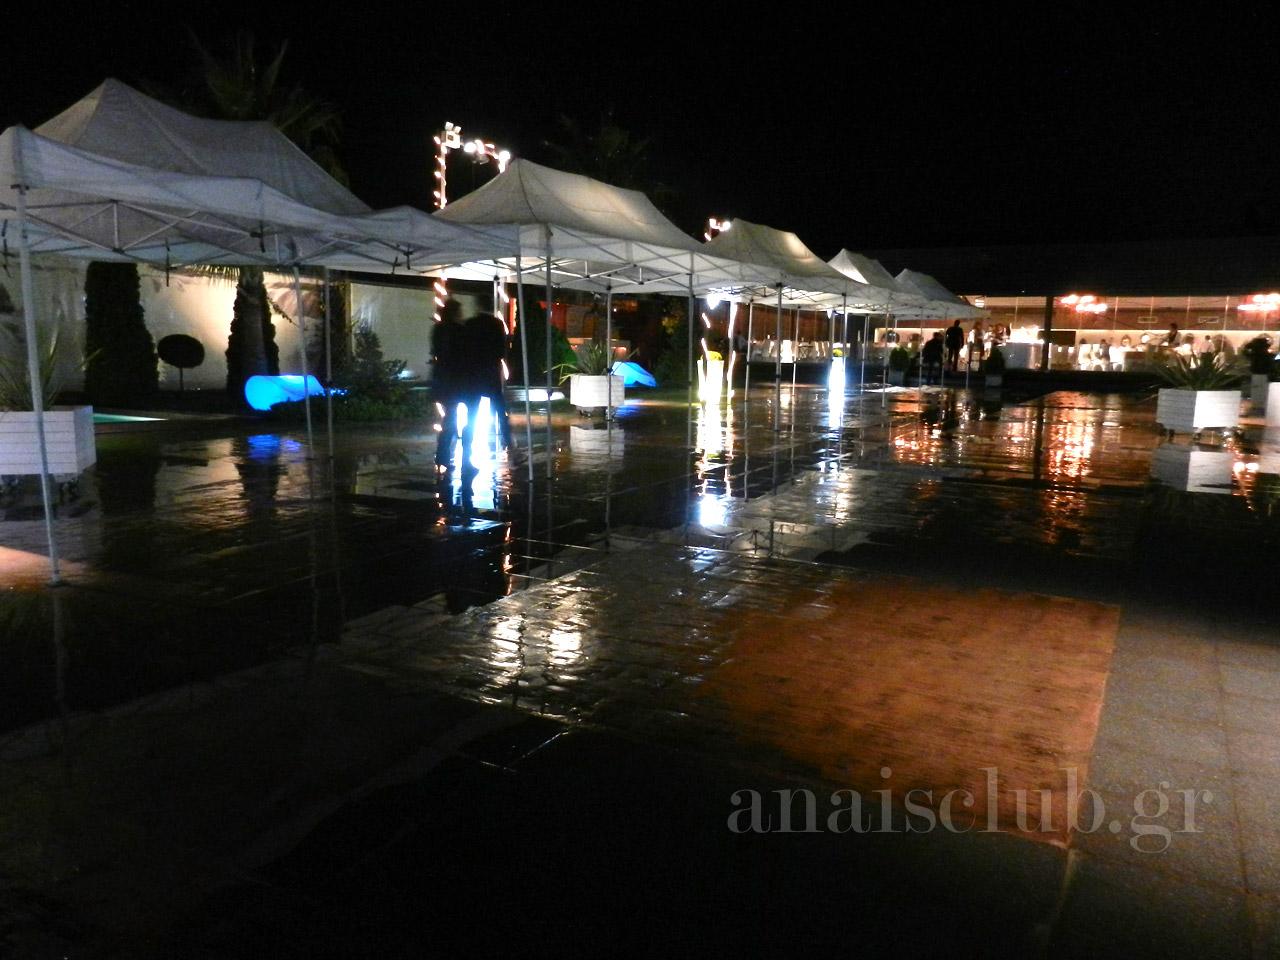 Στο Anais και για τη βροχή έχουμε λύσεις